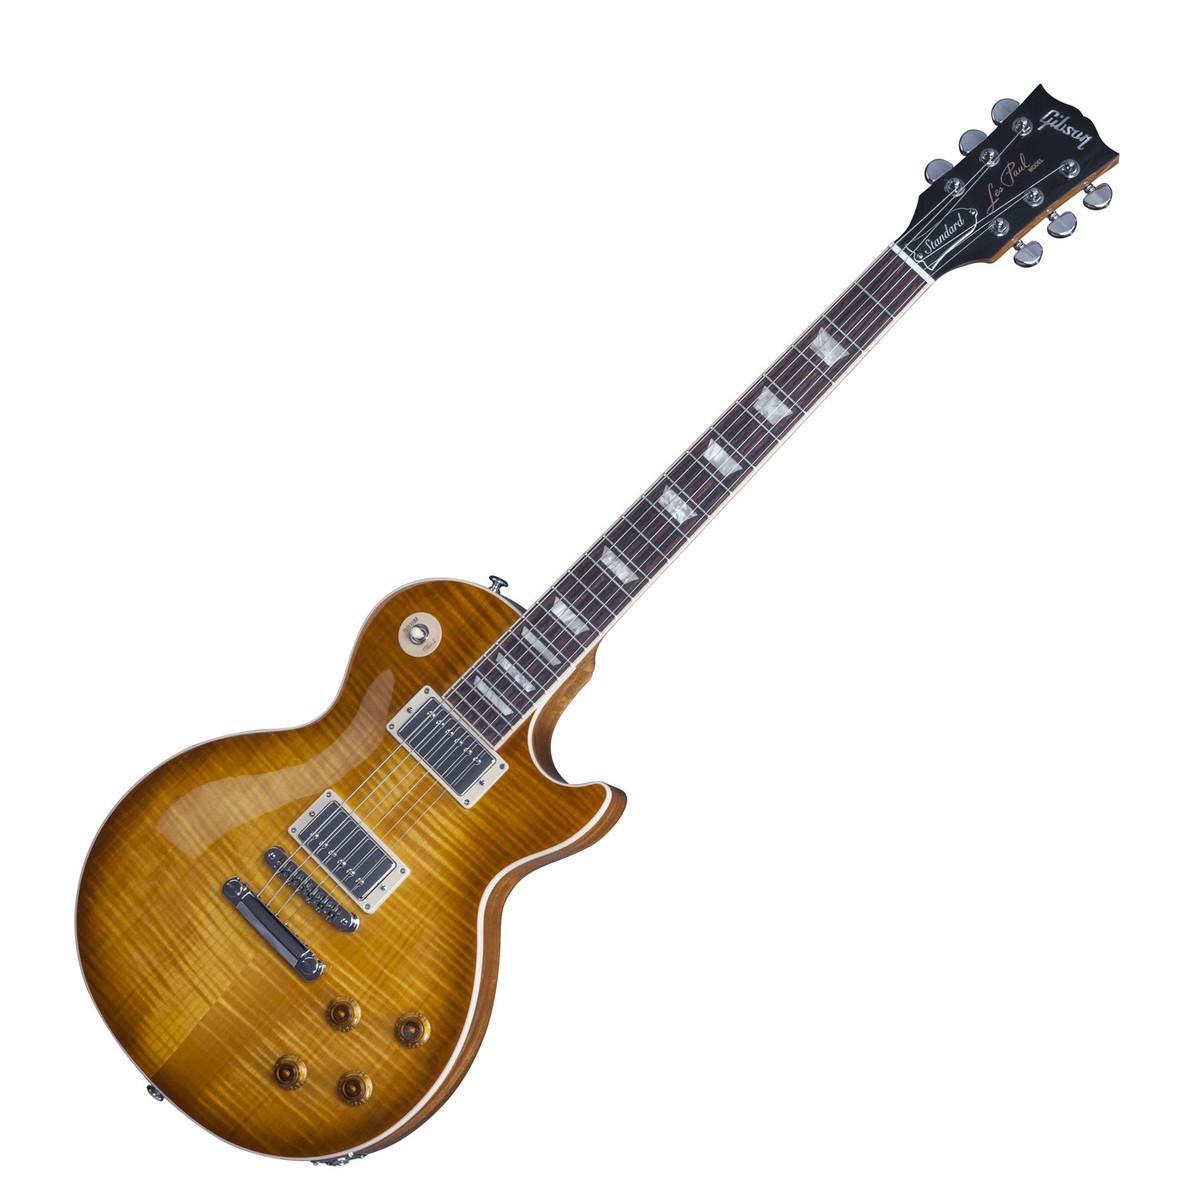 Image of Gibson Les Paul Standard T 2016 Honey Burst